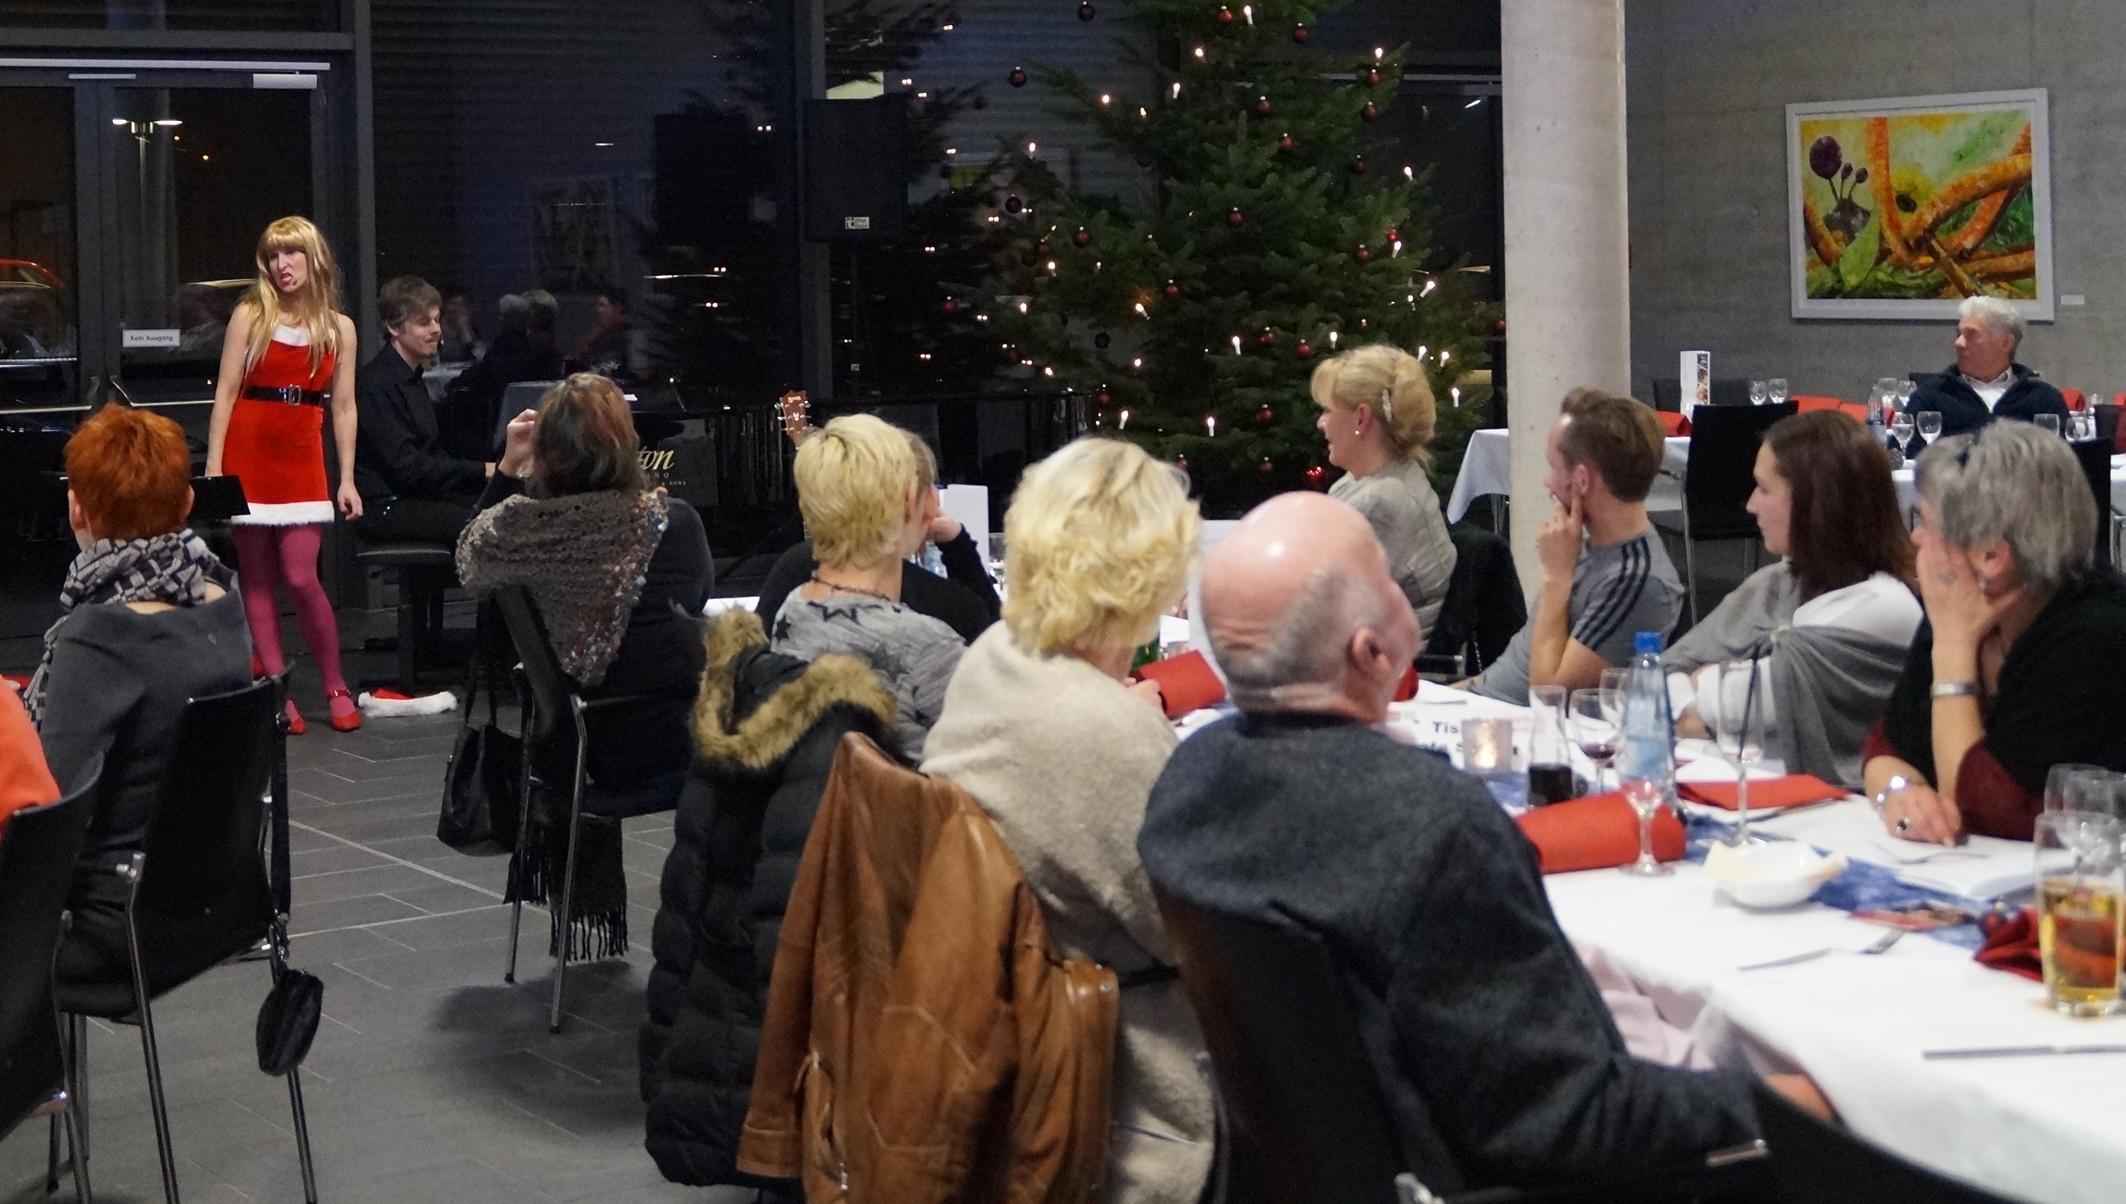 Die Kabarettisten Silke Heimann und Martin Kubetz tischten beim Kunstherbst-Finale Satirisches auf. Fotos: Udo Weiß, NT